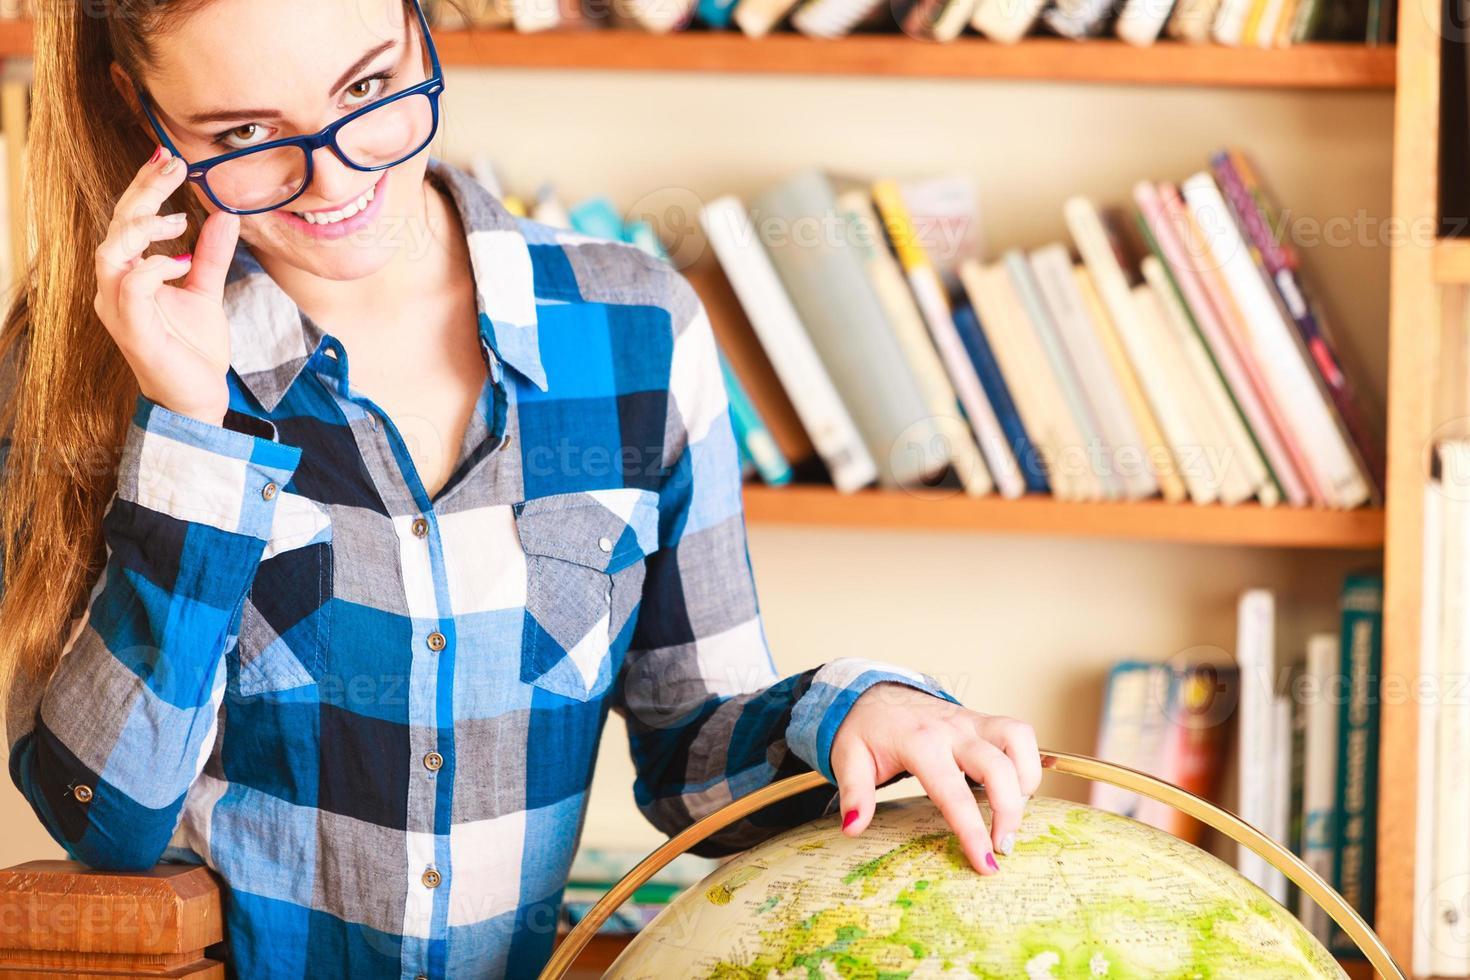 ragazza in biblioteca che punta al globo foto